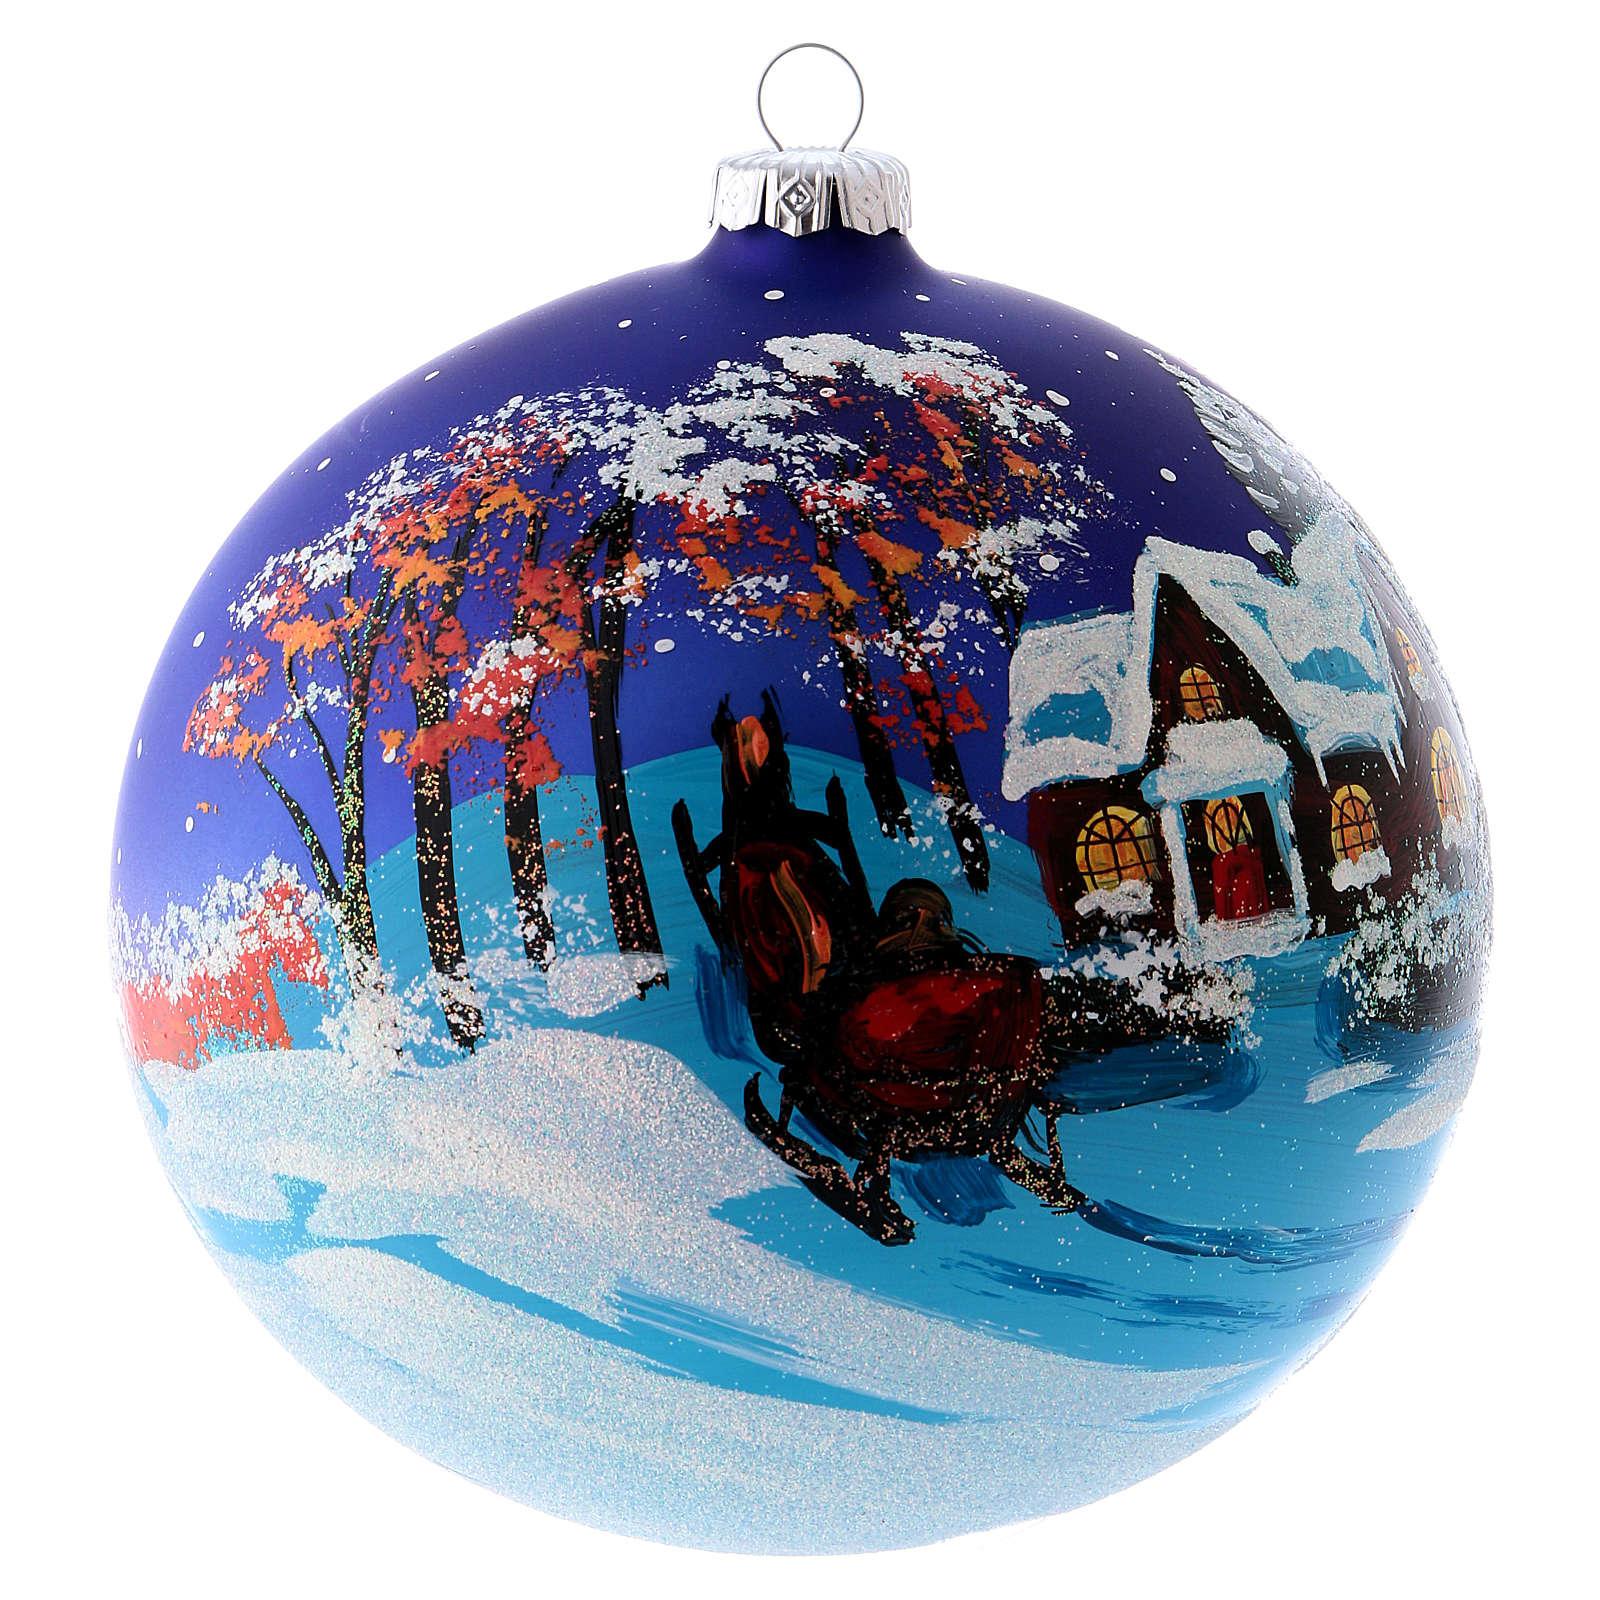 Bola árvore Natal 150 mm vidro soprado paisagem noturna com neve 4